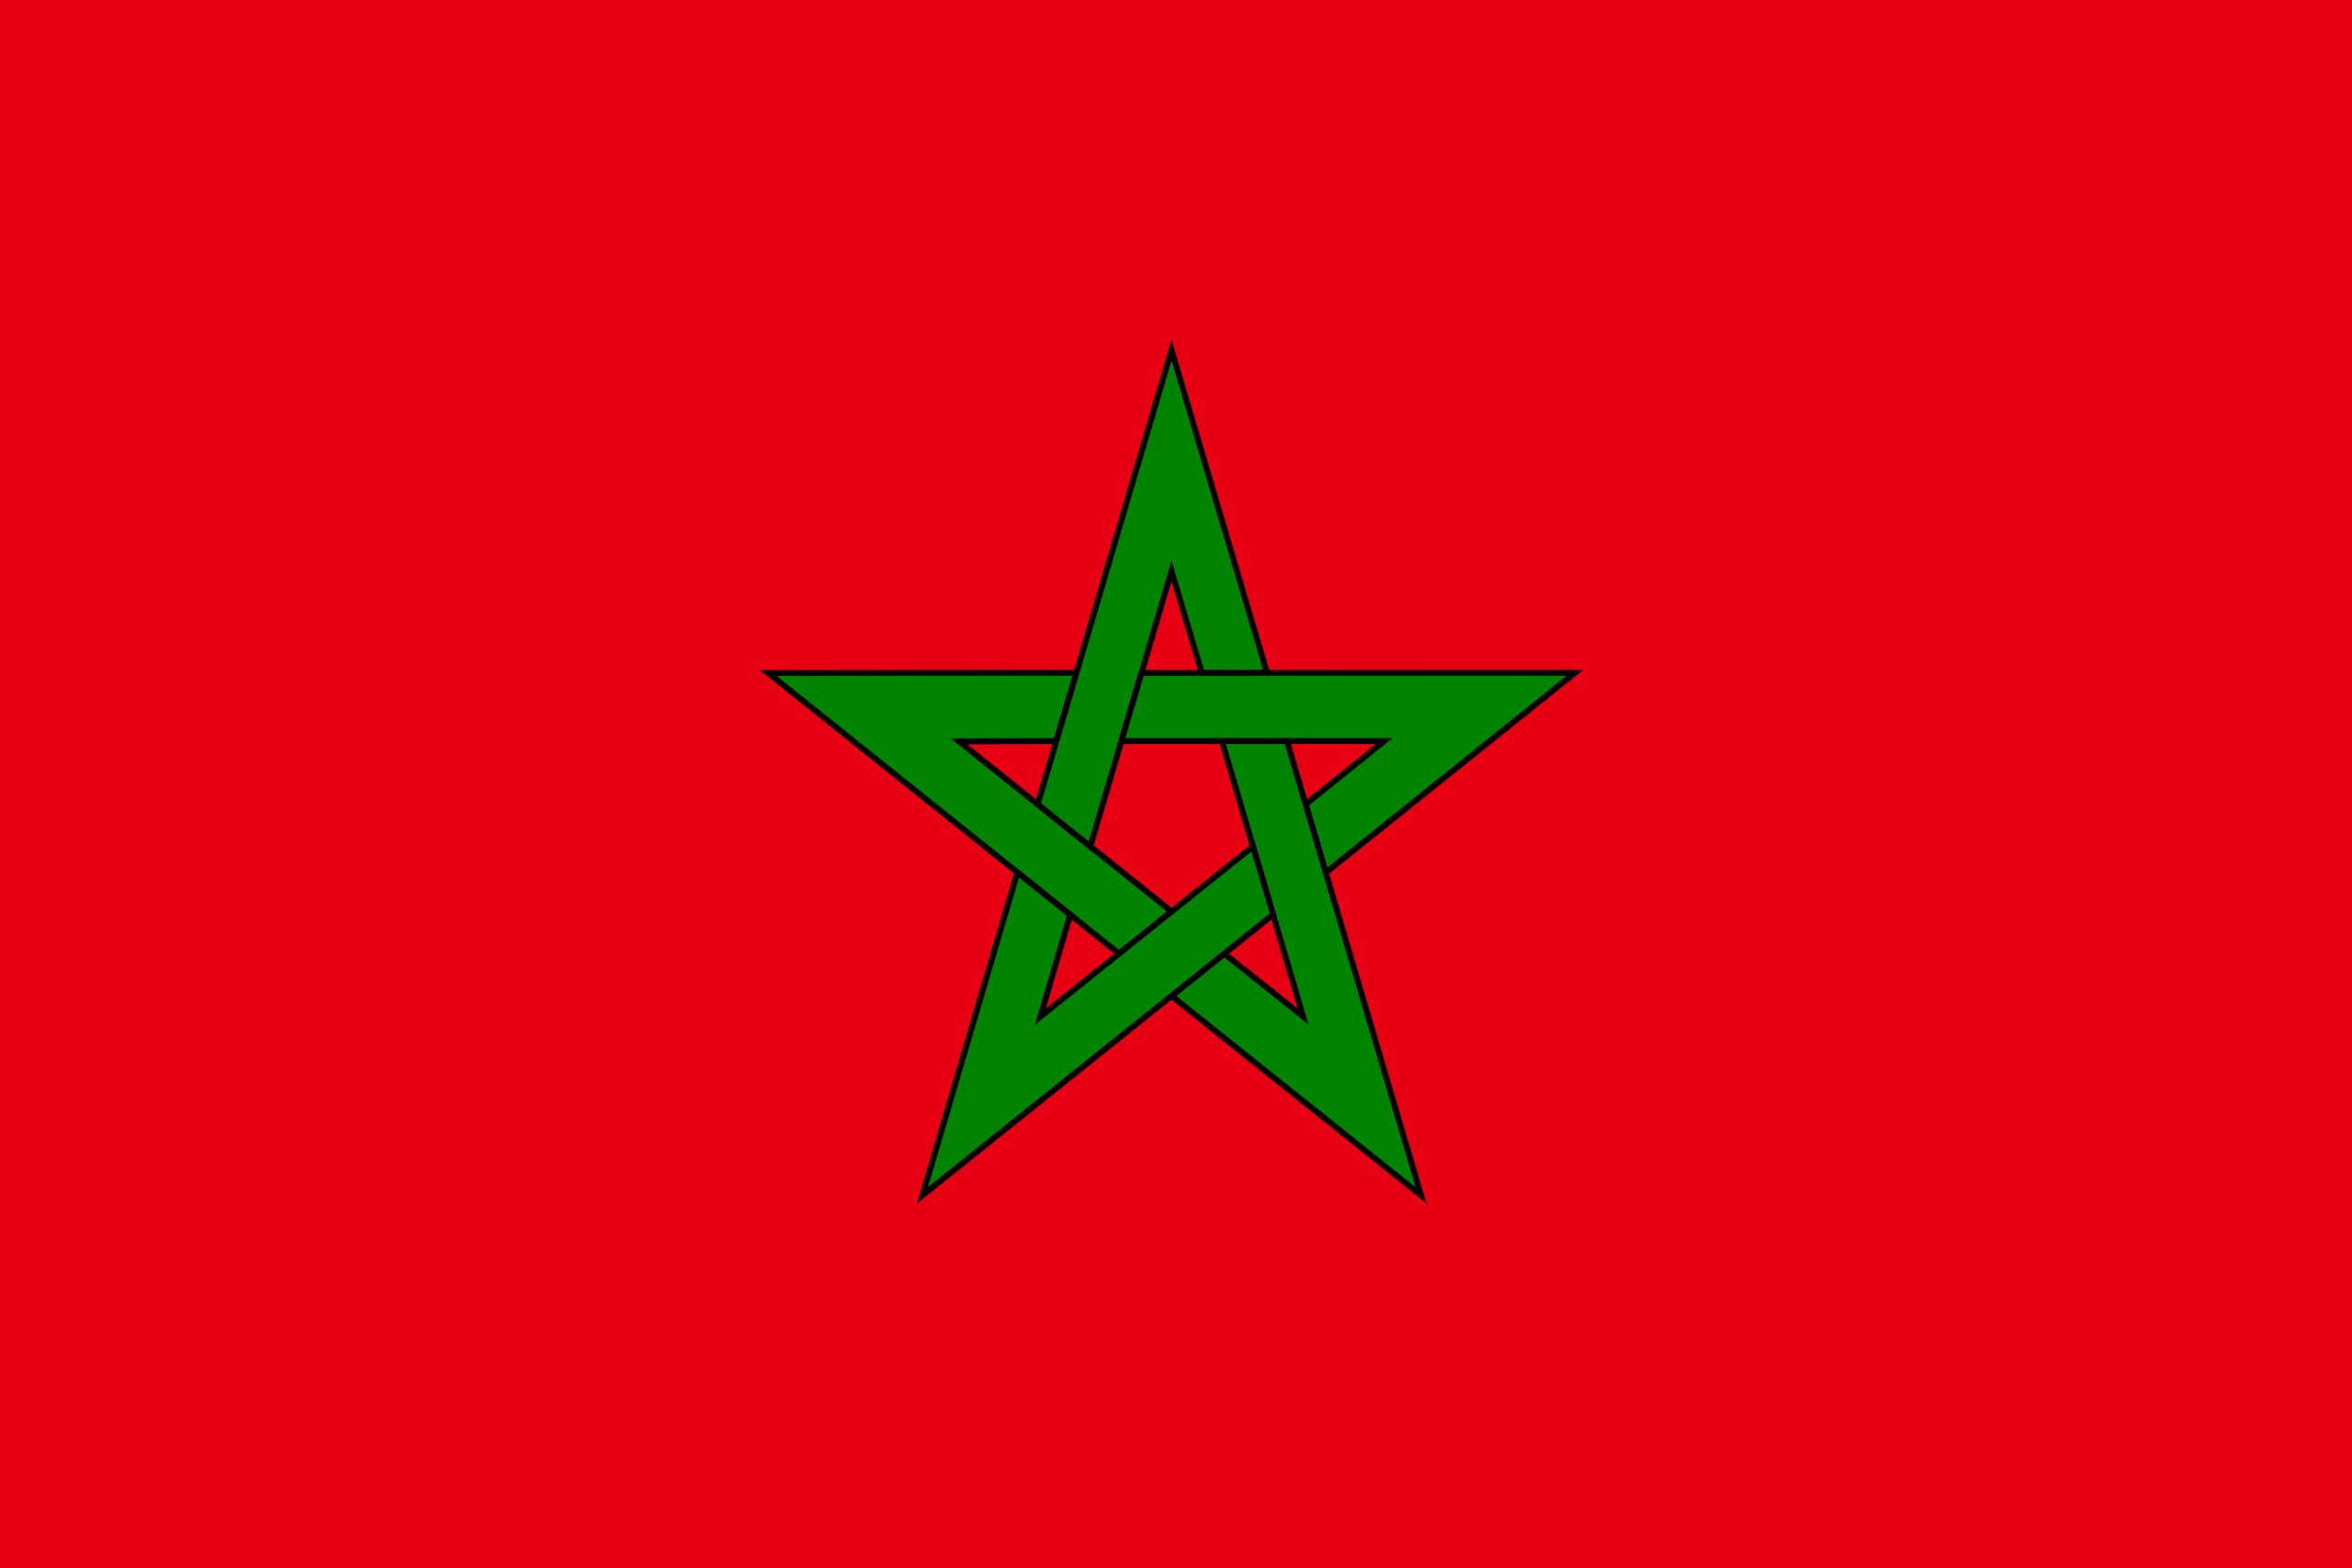 العلاقات بين المغرب والبرتغال